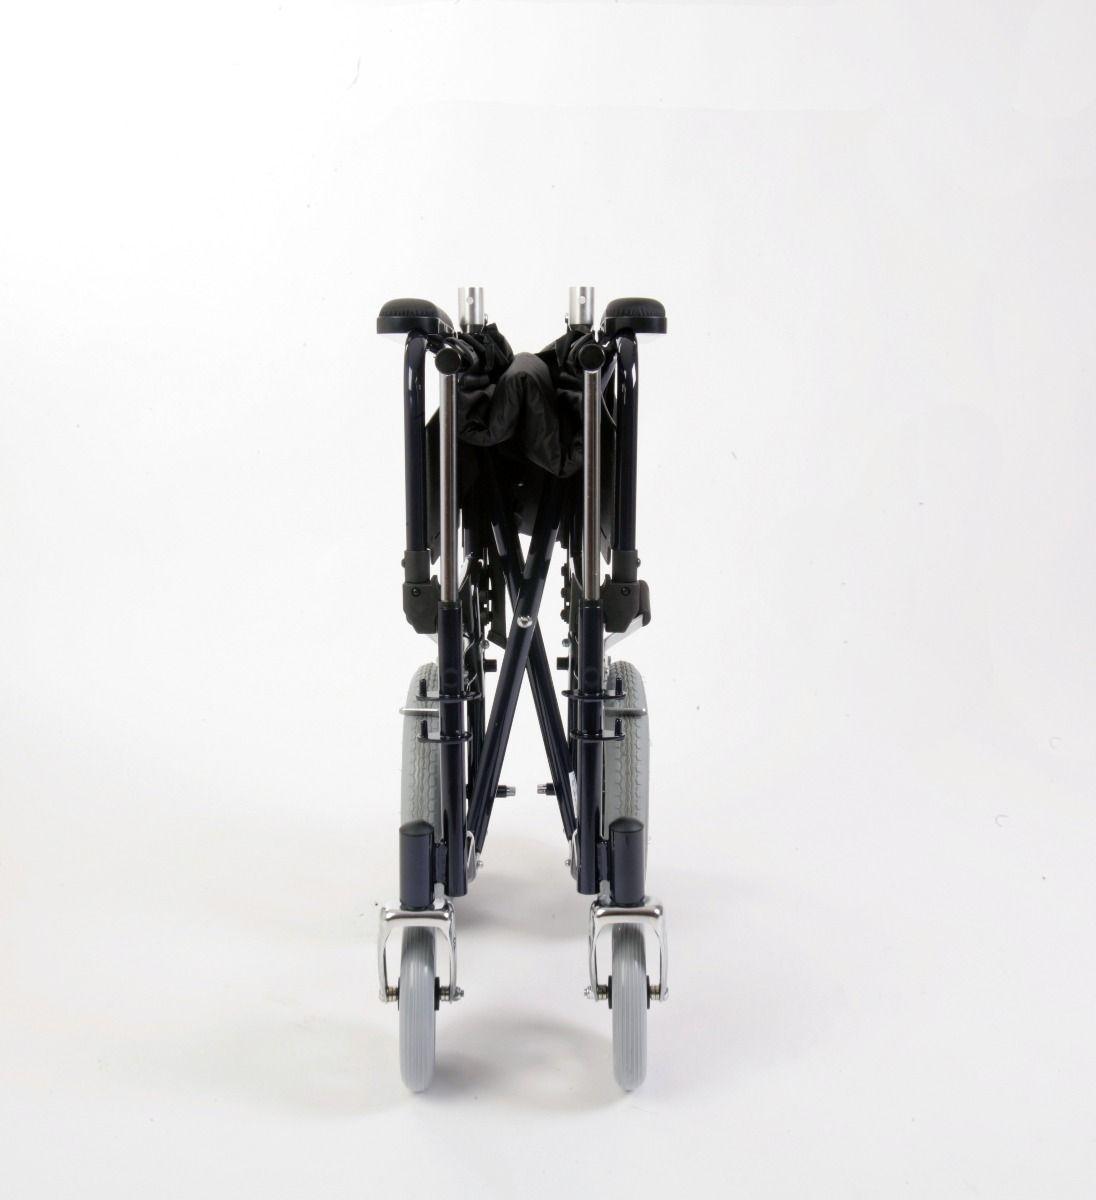 Esteem Self Propelled Folding Steel Wheelchair Folded